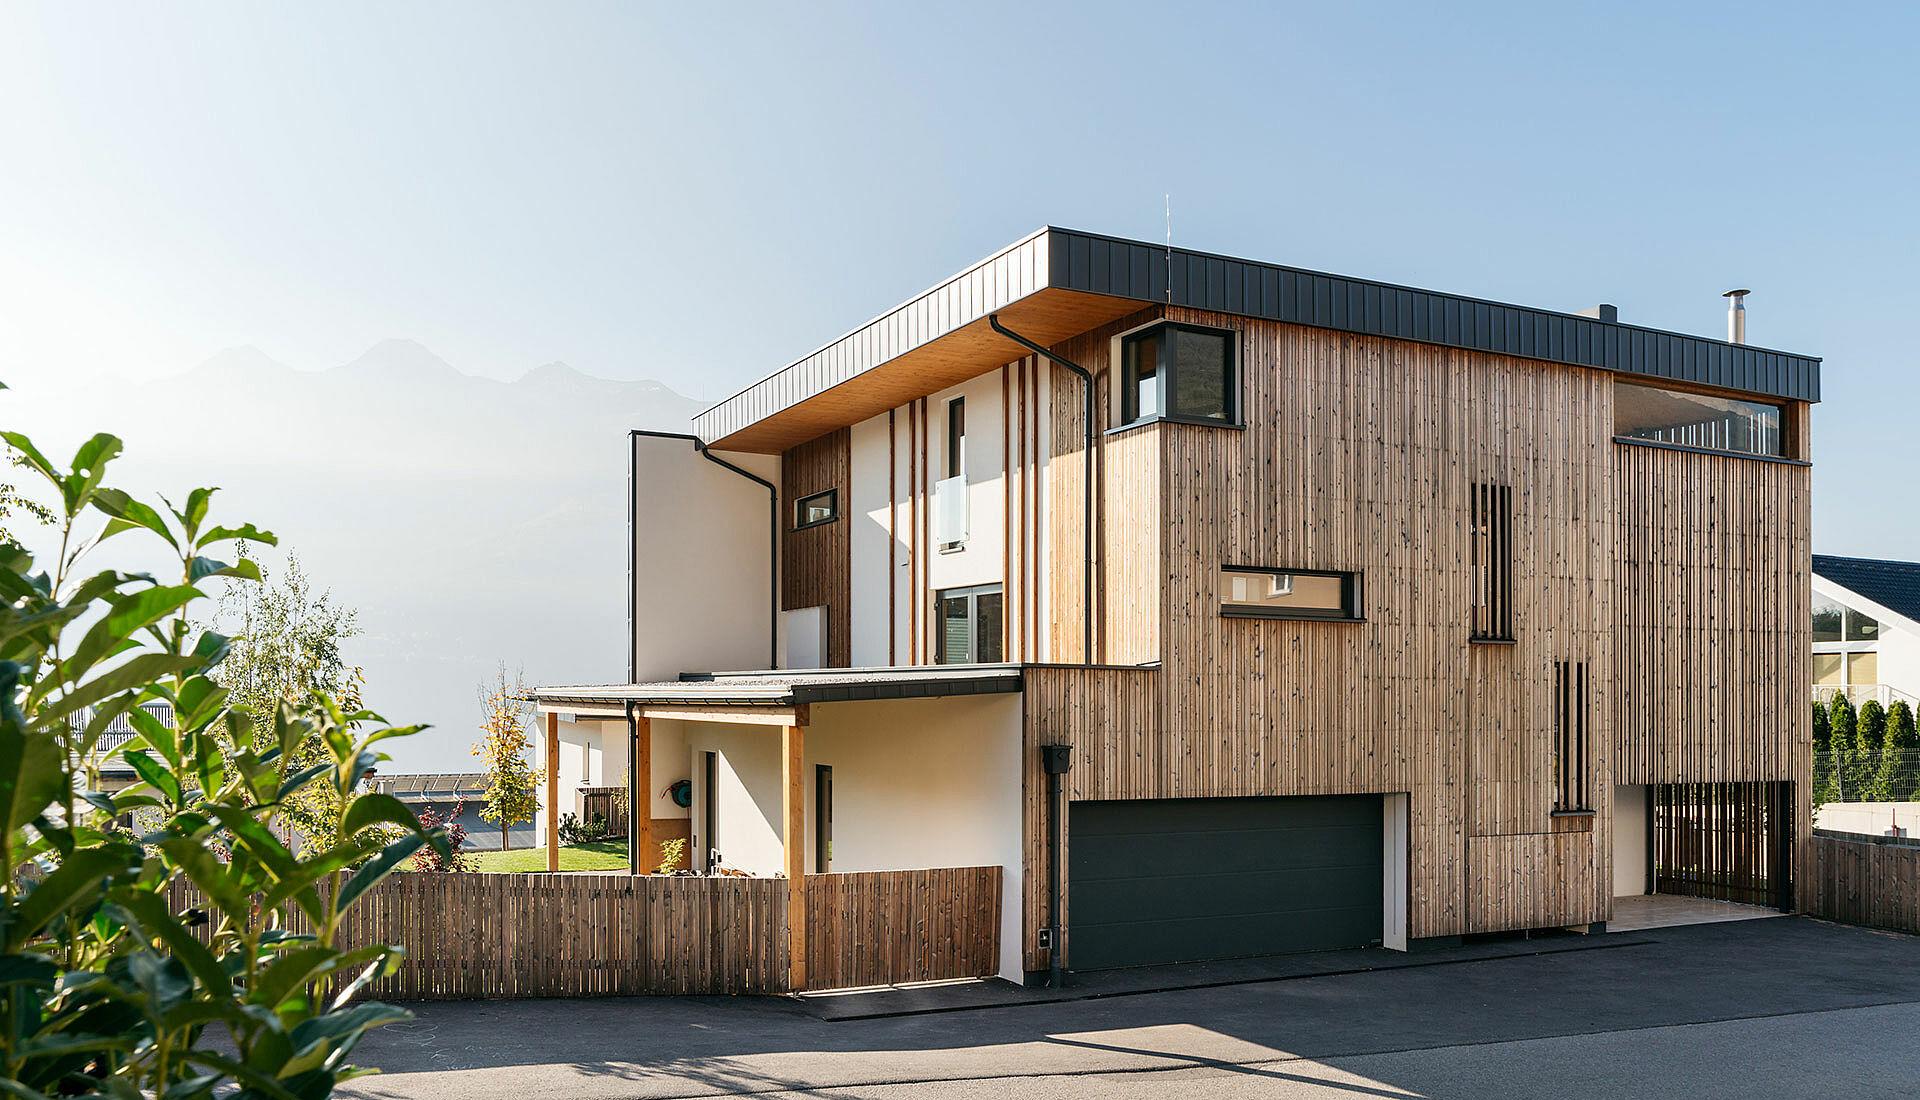 Holzhaus Riegelbauweise